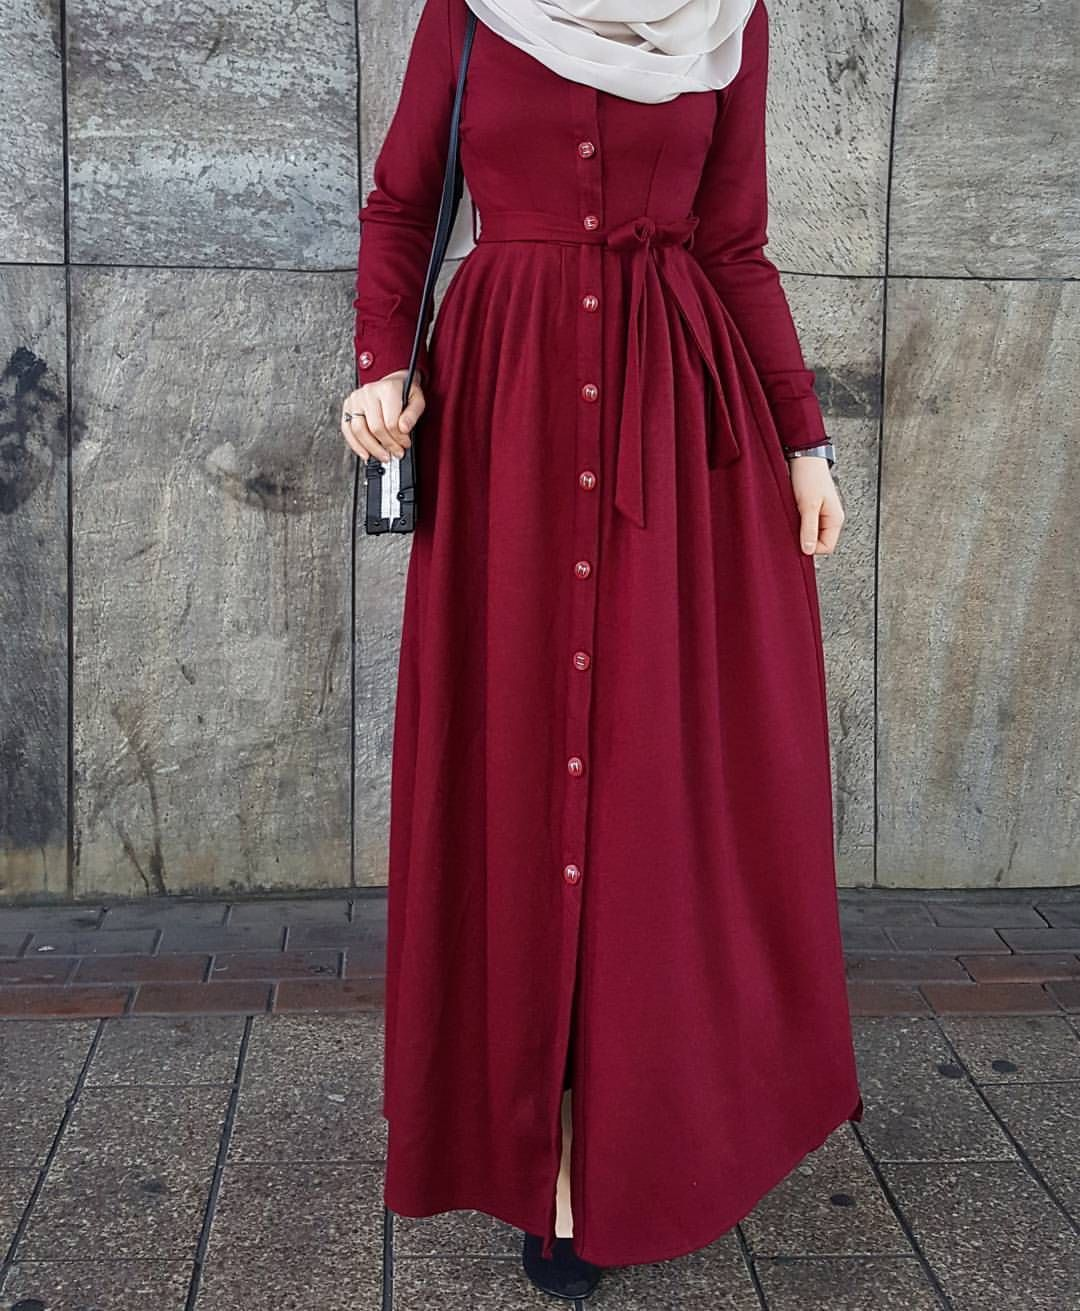 بالصور فساتين محجبات للخروج 2019 , فستان خروج للمحجبات 3175 4